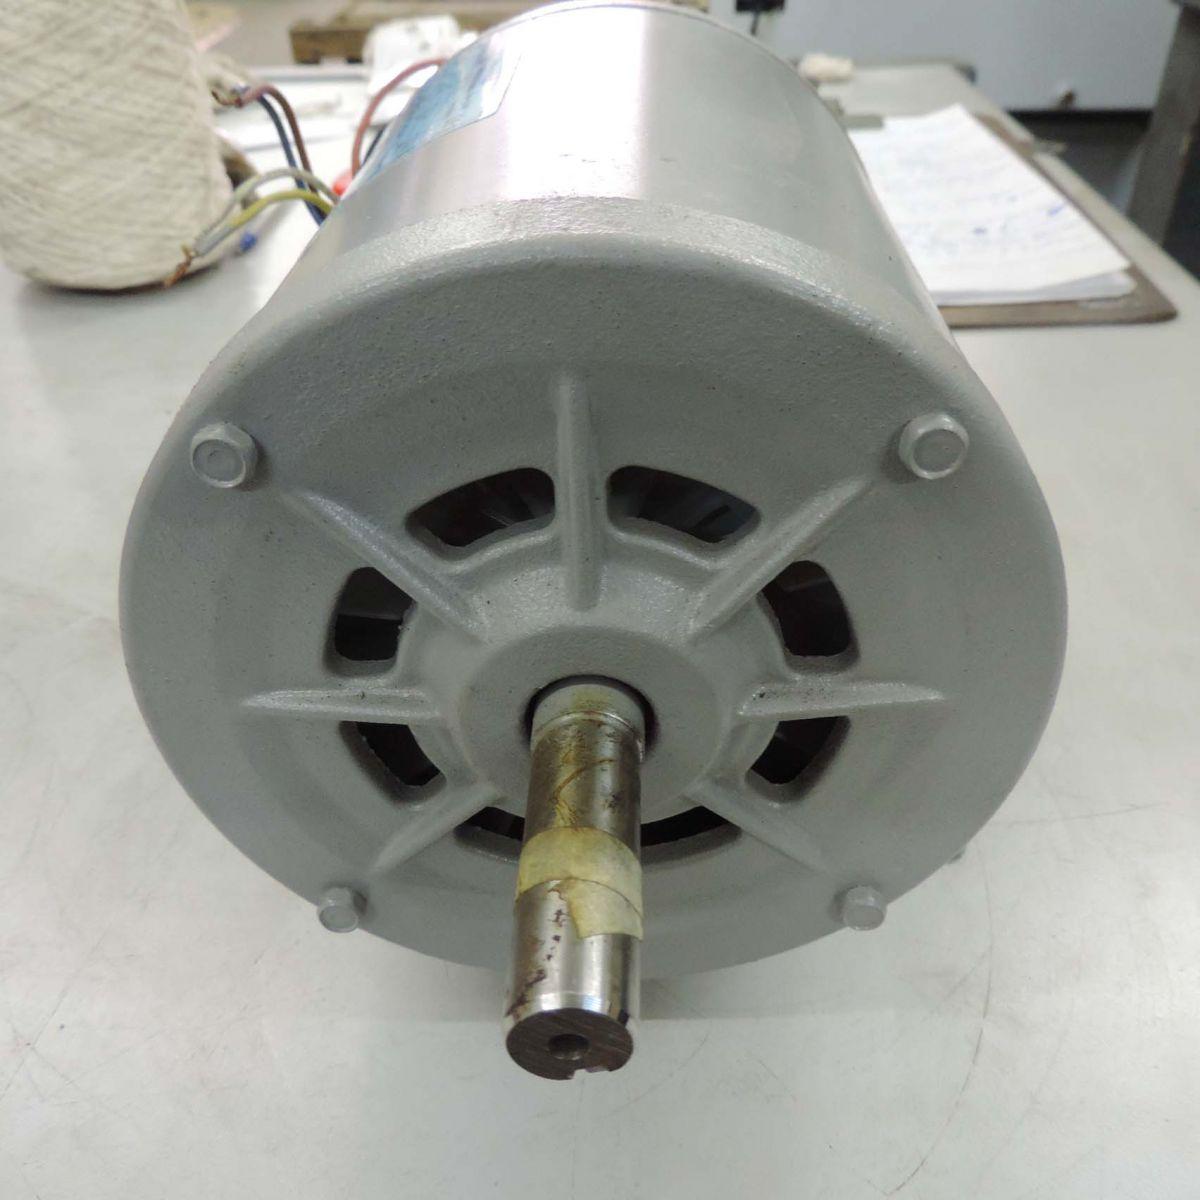 Motor Trifásico 0,5 Cv 1745 Rpm Marca Nova - C4 - Novo